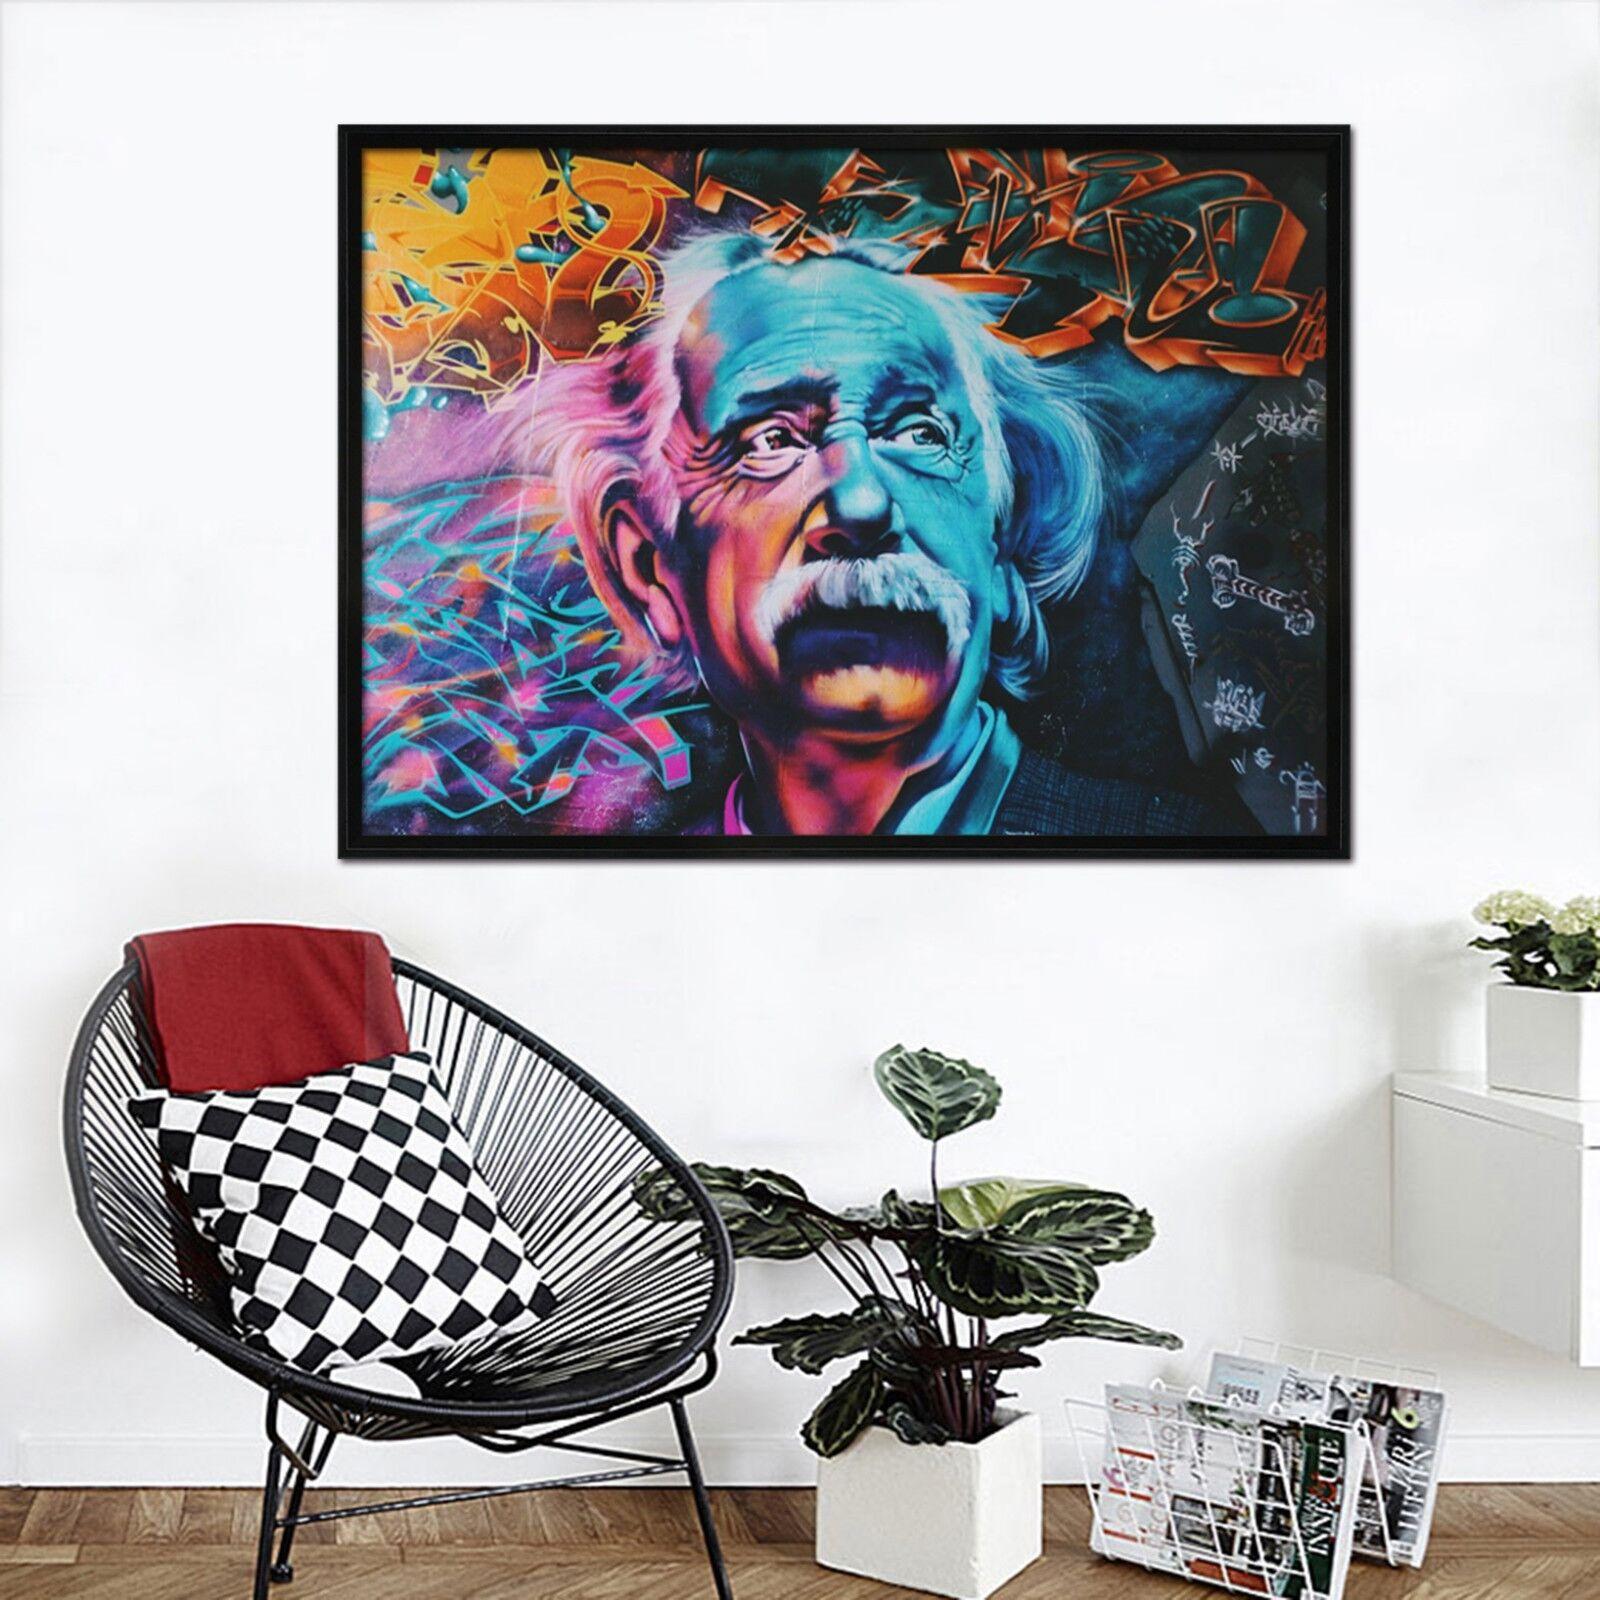 3D Weiß Beard 6 Framed Poster Home Decor Print Painting Art AJ WALLPAPER